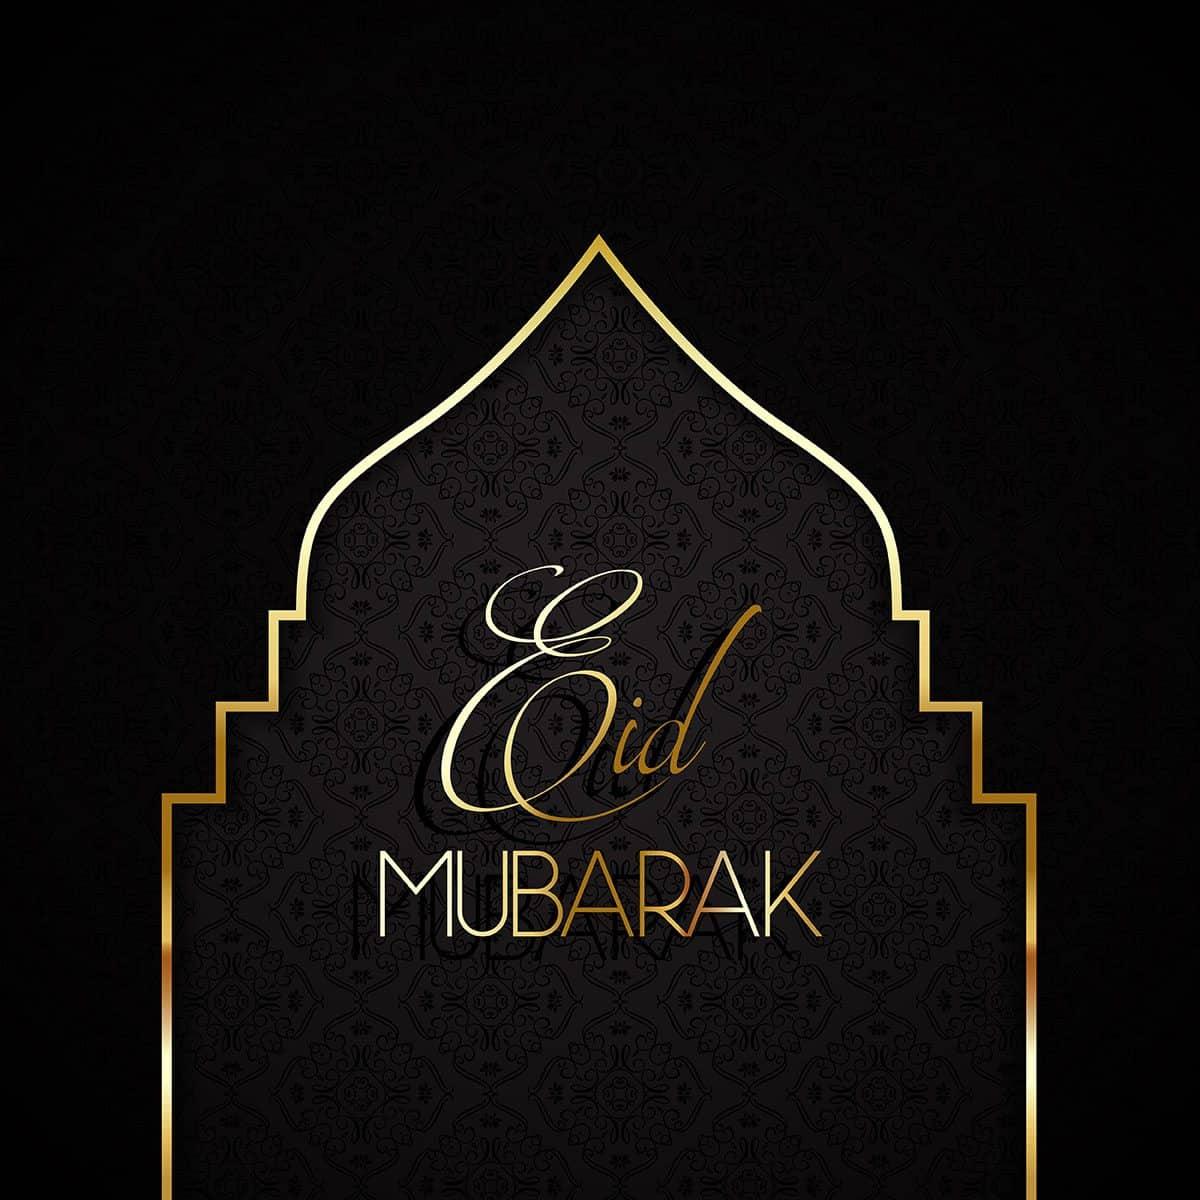 Stylish Eid mubarak background